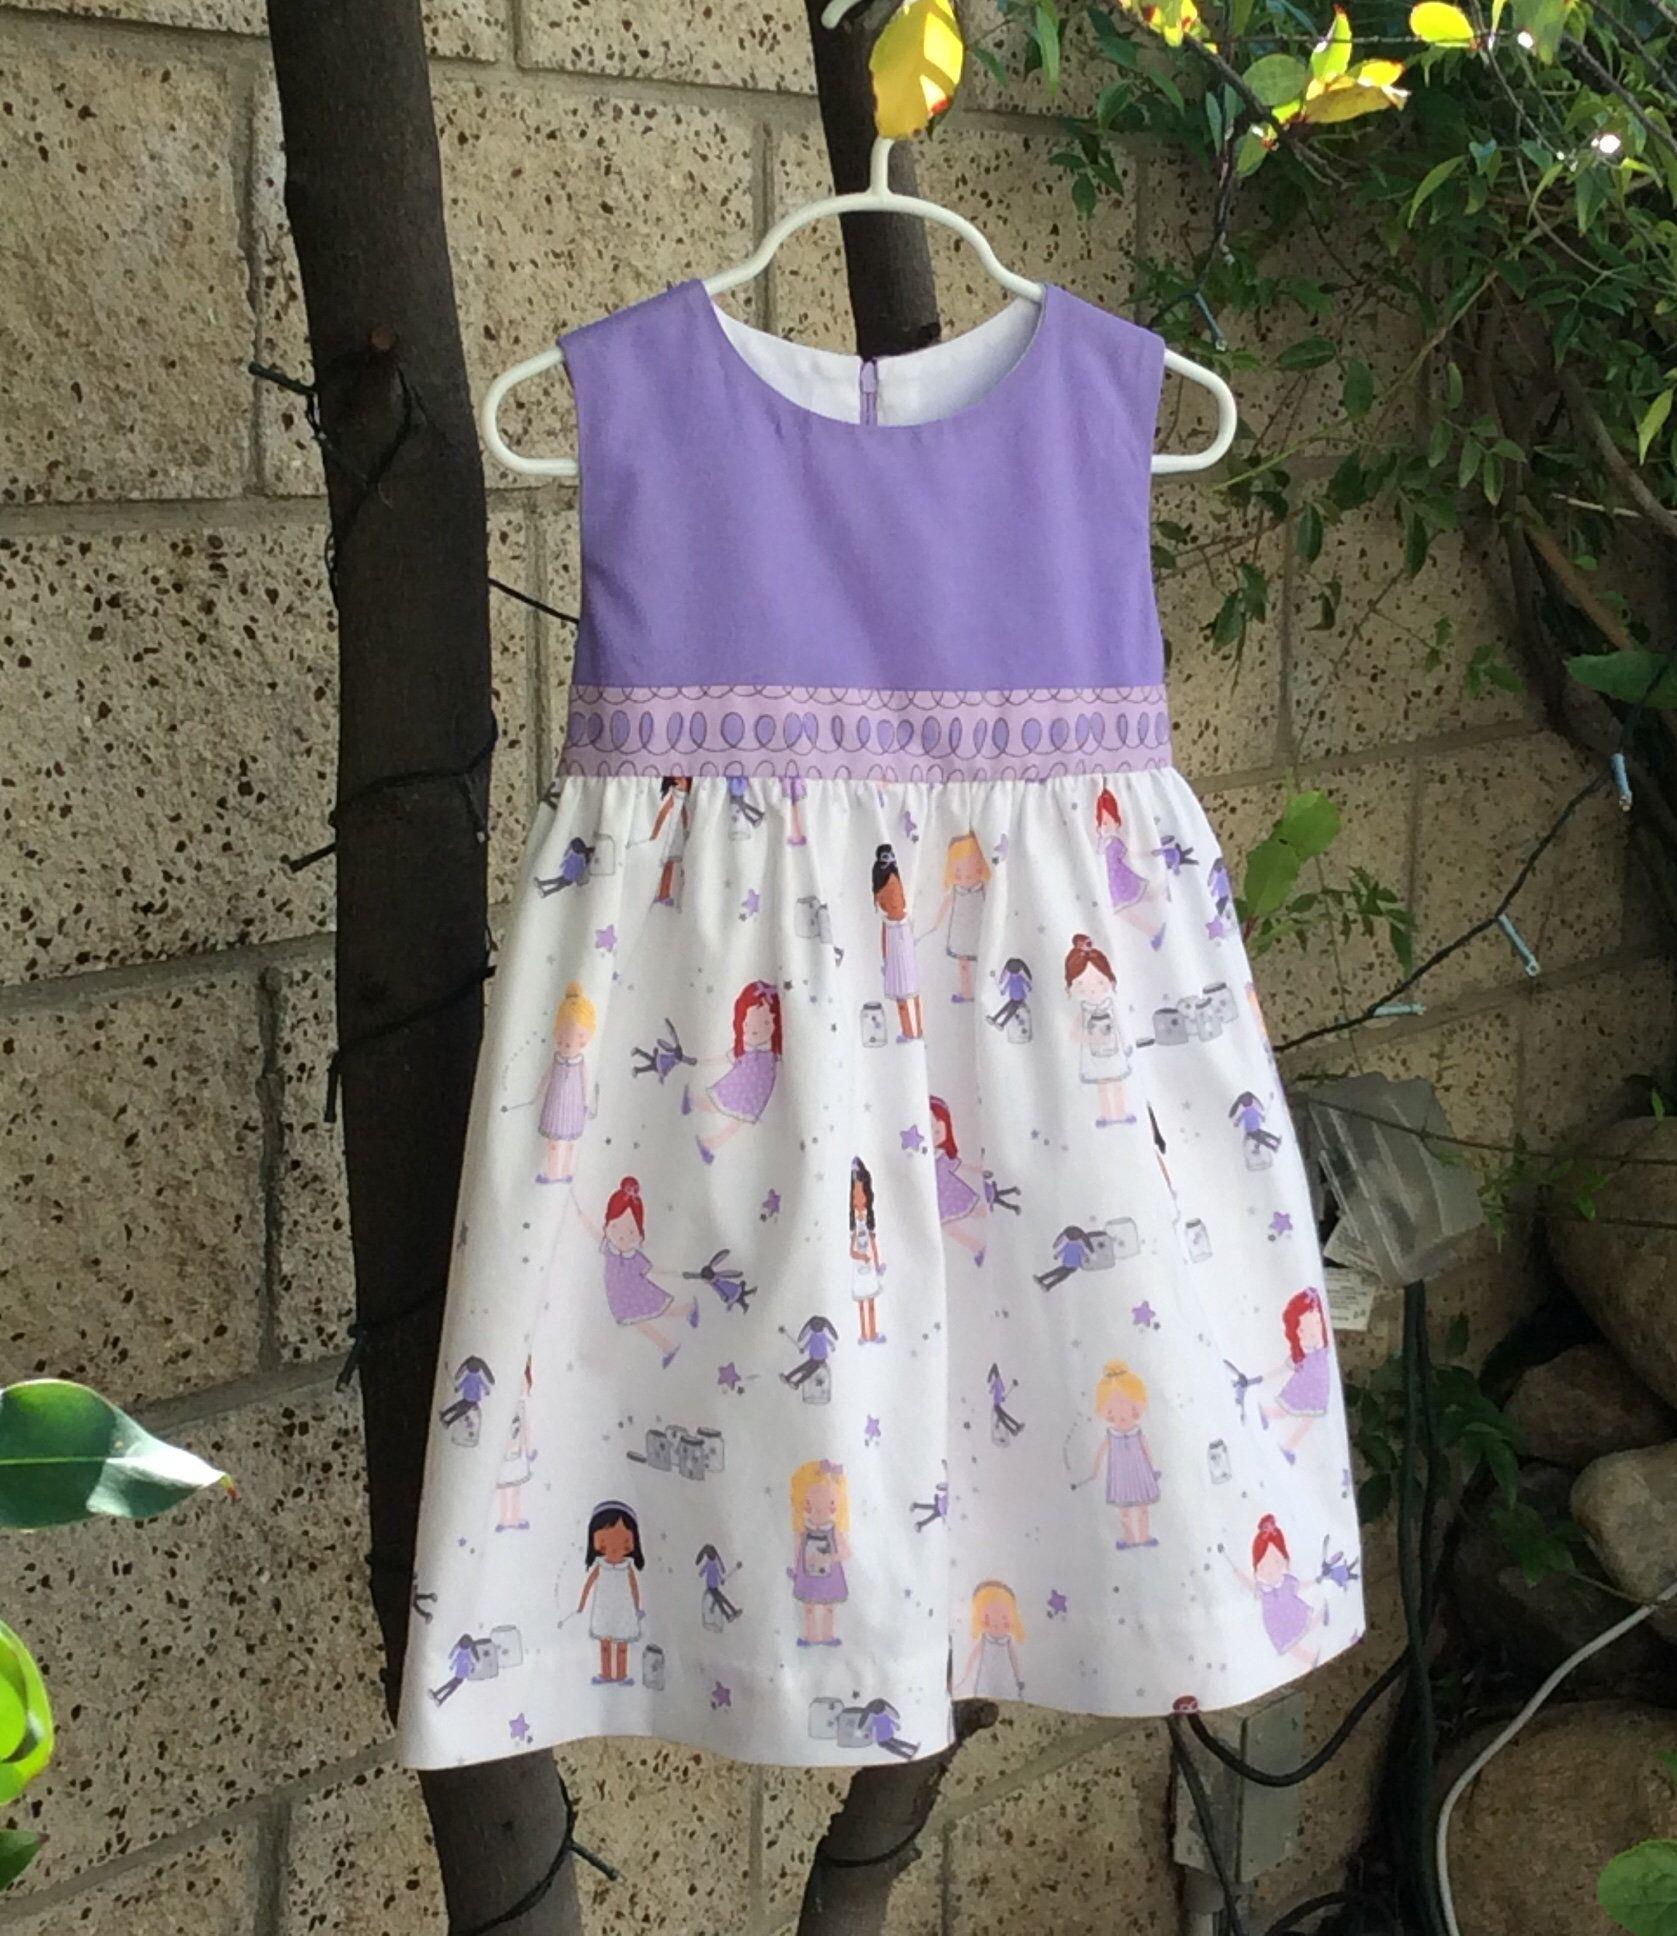 Girls Party Birthday Dress Sprinkle Little Stars Dolls Etsy Girls Cotton Dresses Kids Designer Dresses Dresses Kids Girl [ 1936 x 1677 Pixel ]